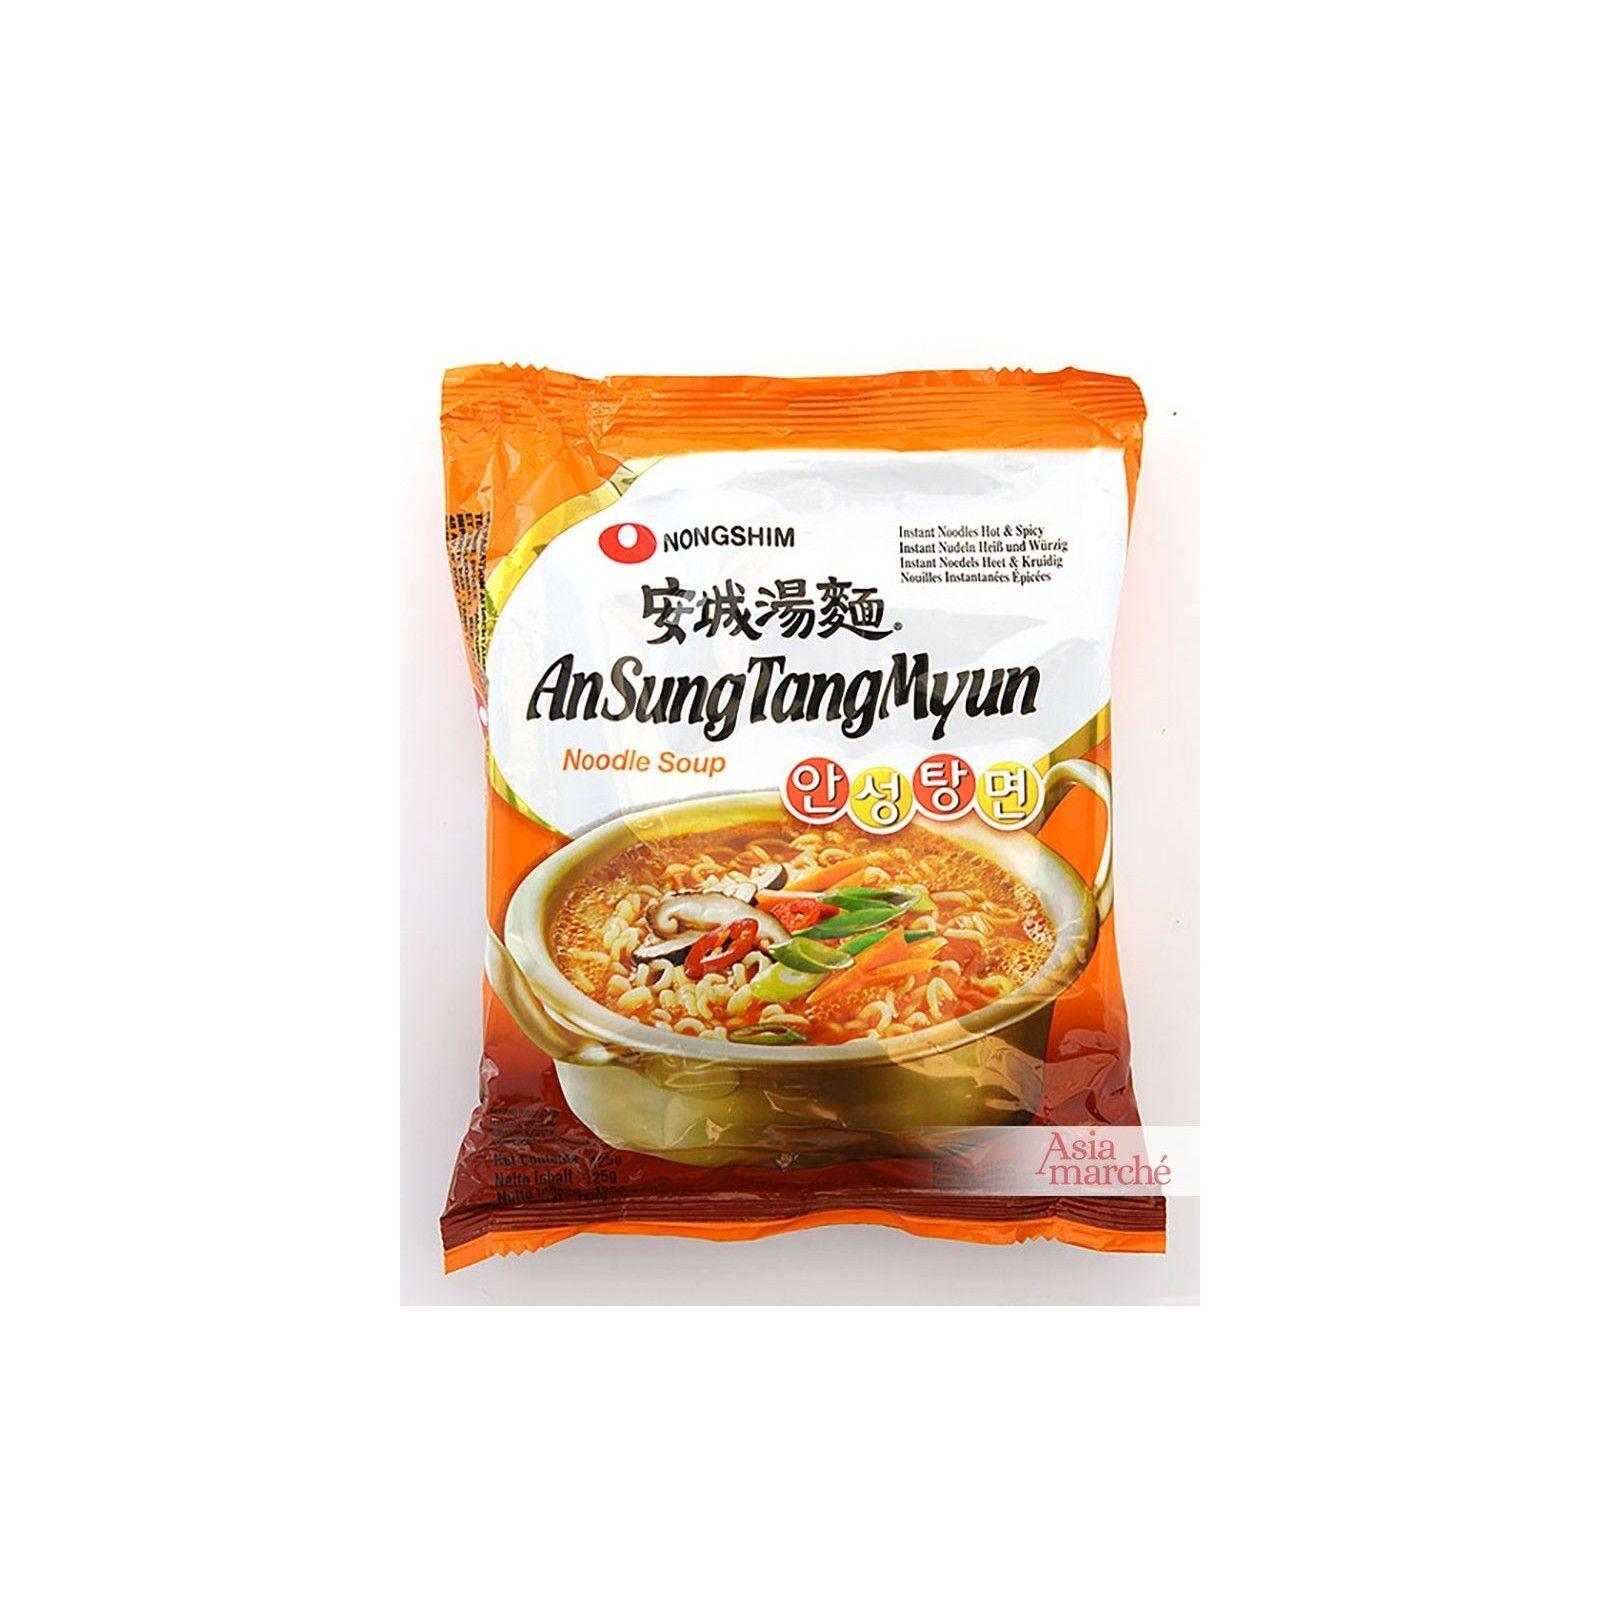 Asia Marché Soupe Coréenne de nouiles AnSungTangMyun 125g Nongshim À l'unité